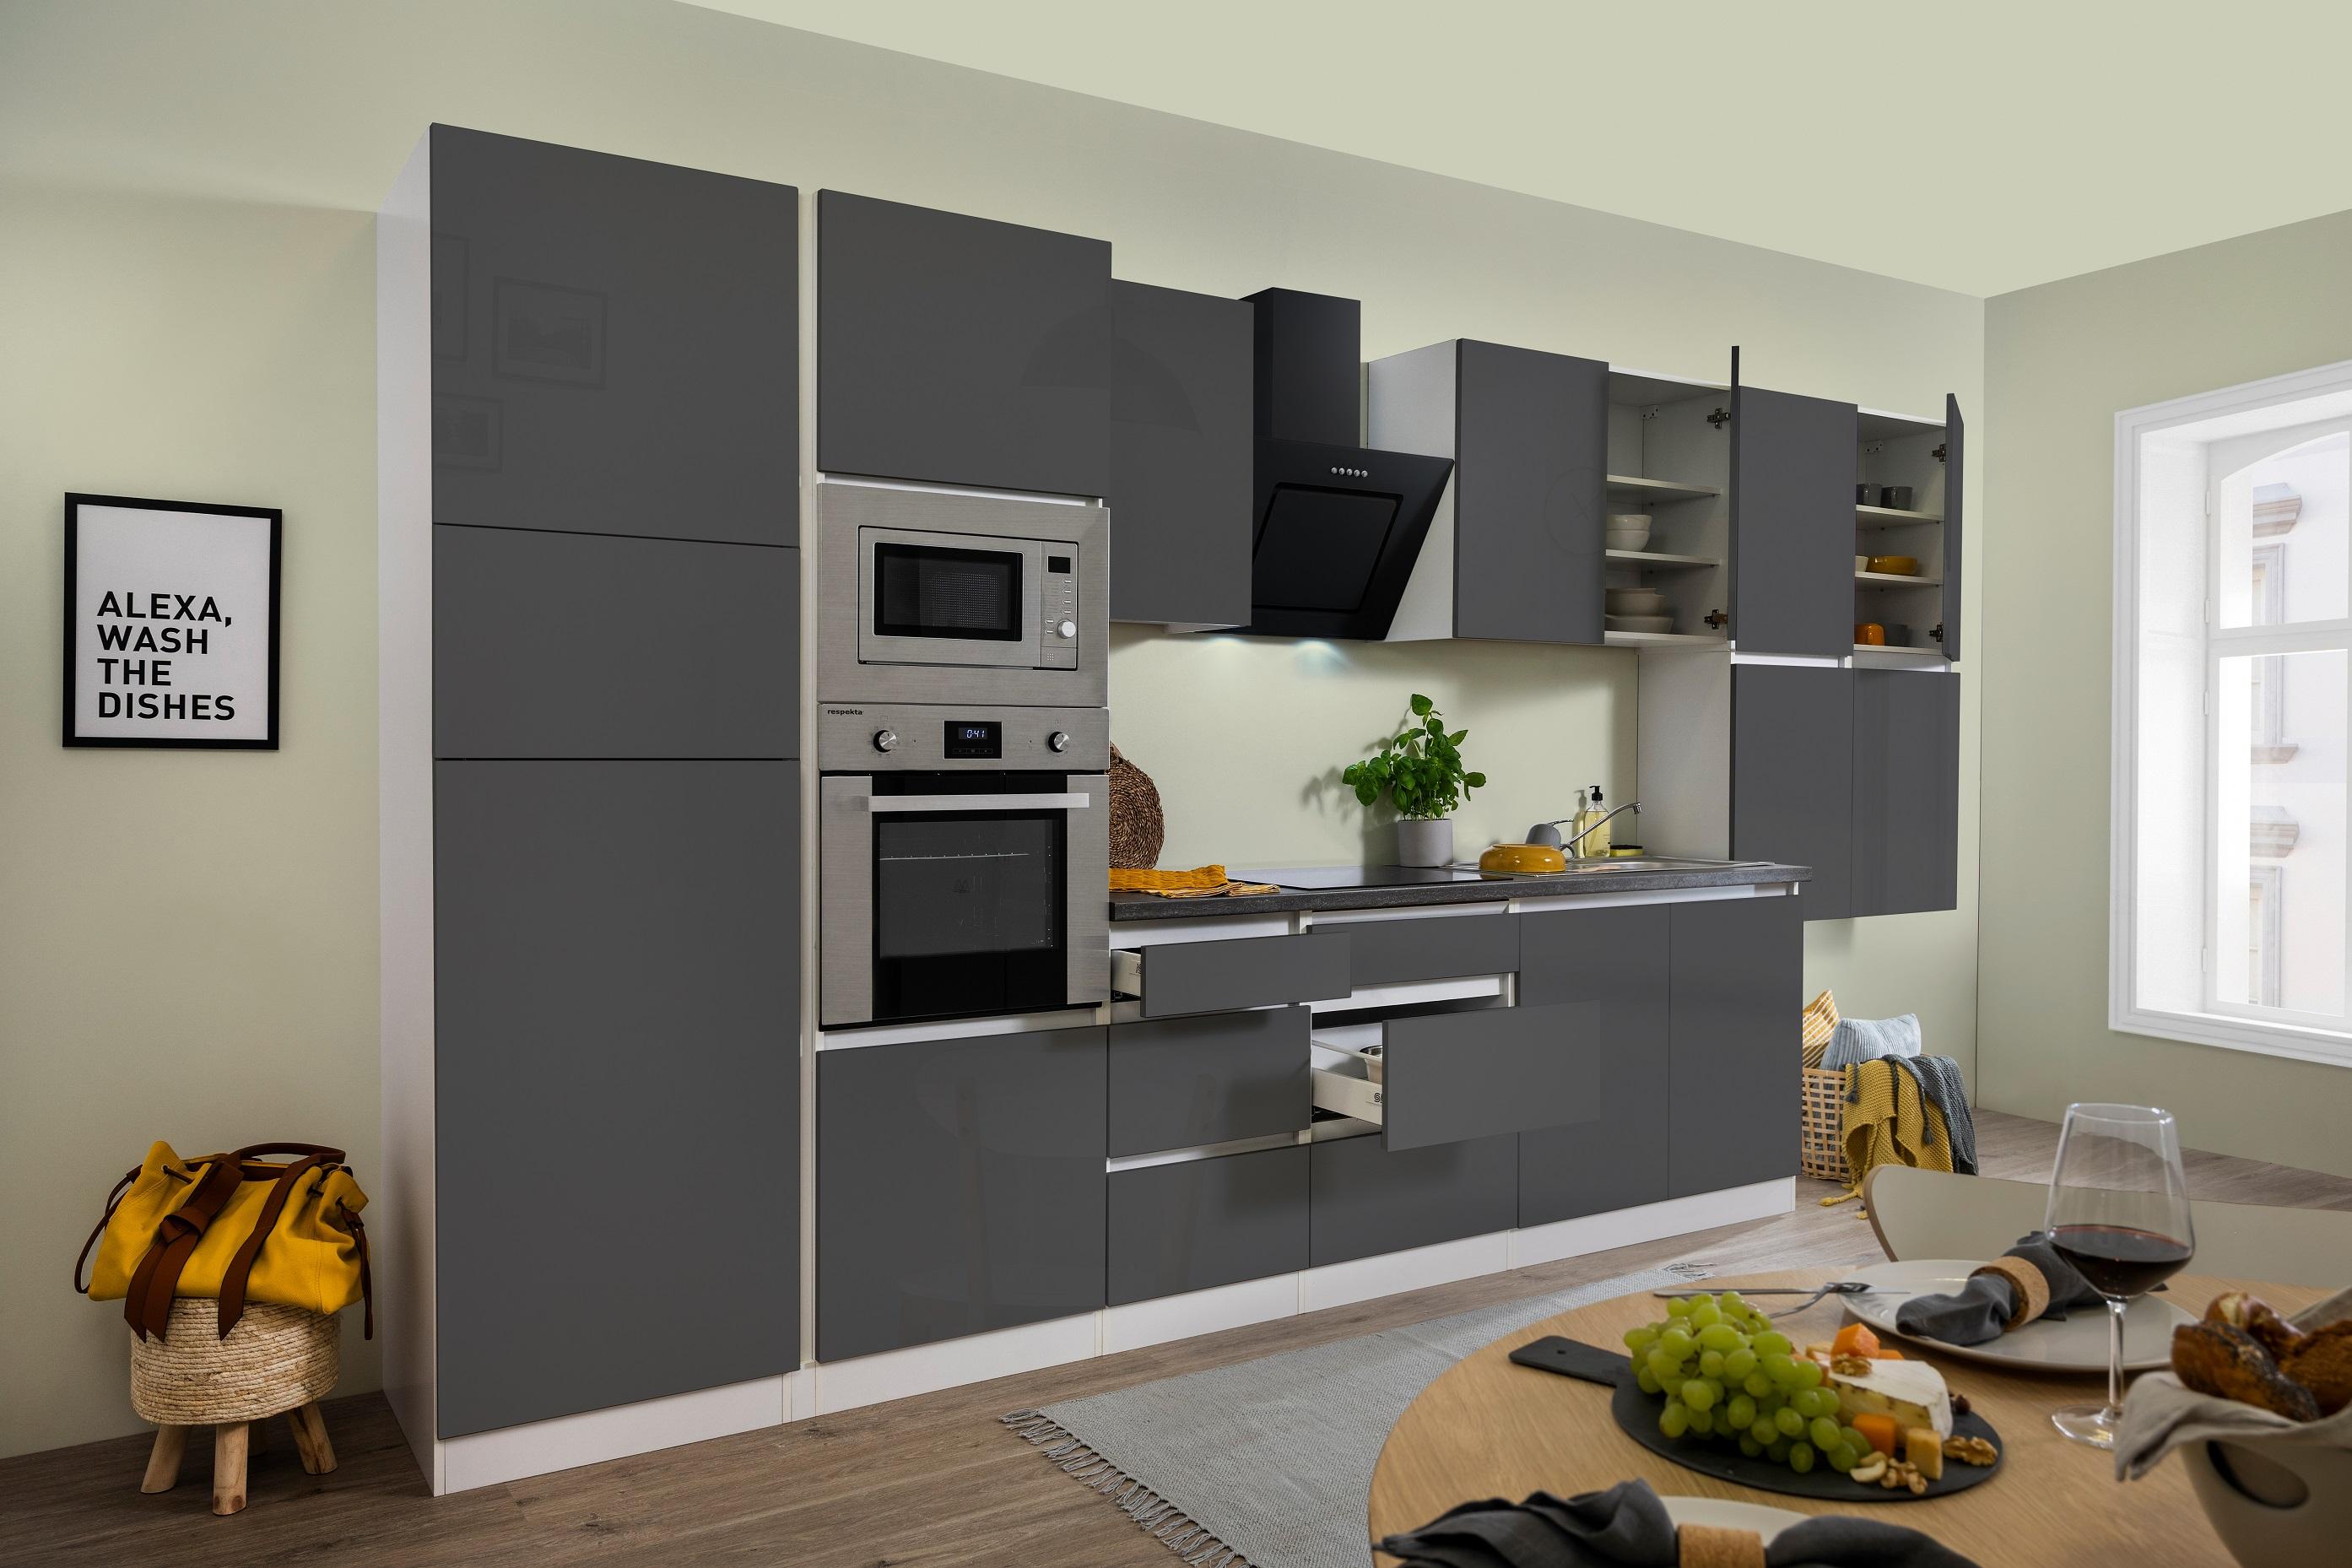 respekta Küche Küchenzeile Küchenblock grifflose Einbauküche 435 cm weiß grau